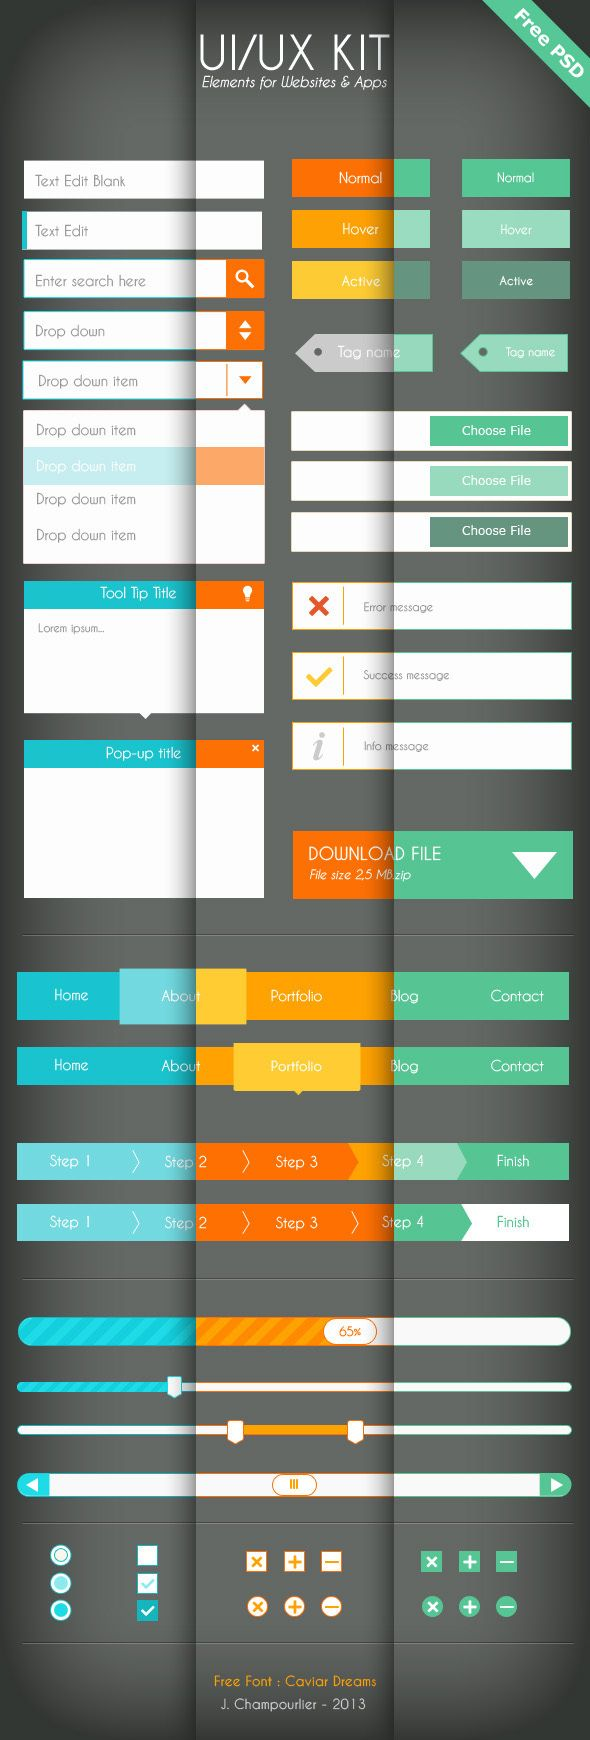 UI/UX Flat design - Free PSD by Julie Champourlier, via Behance